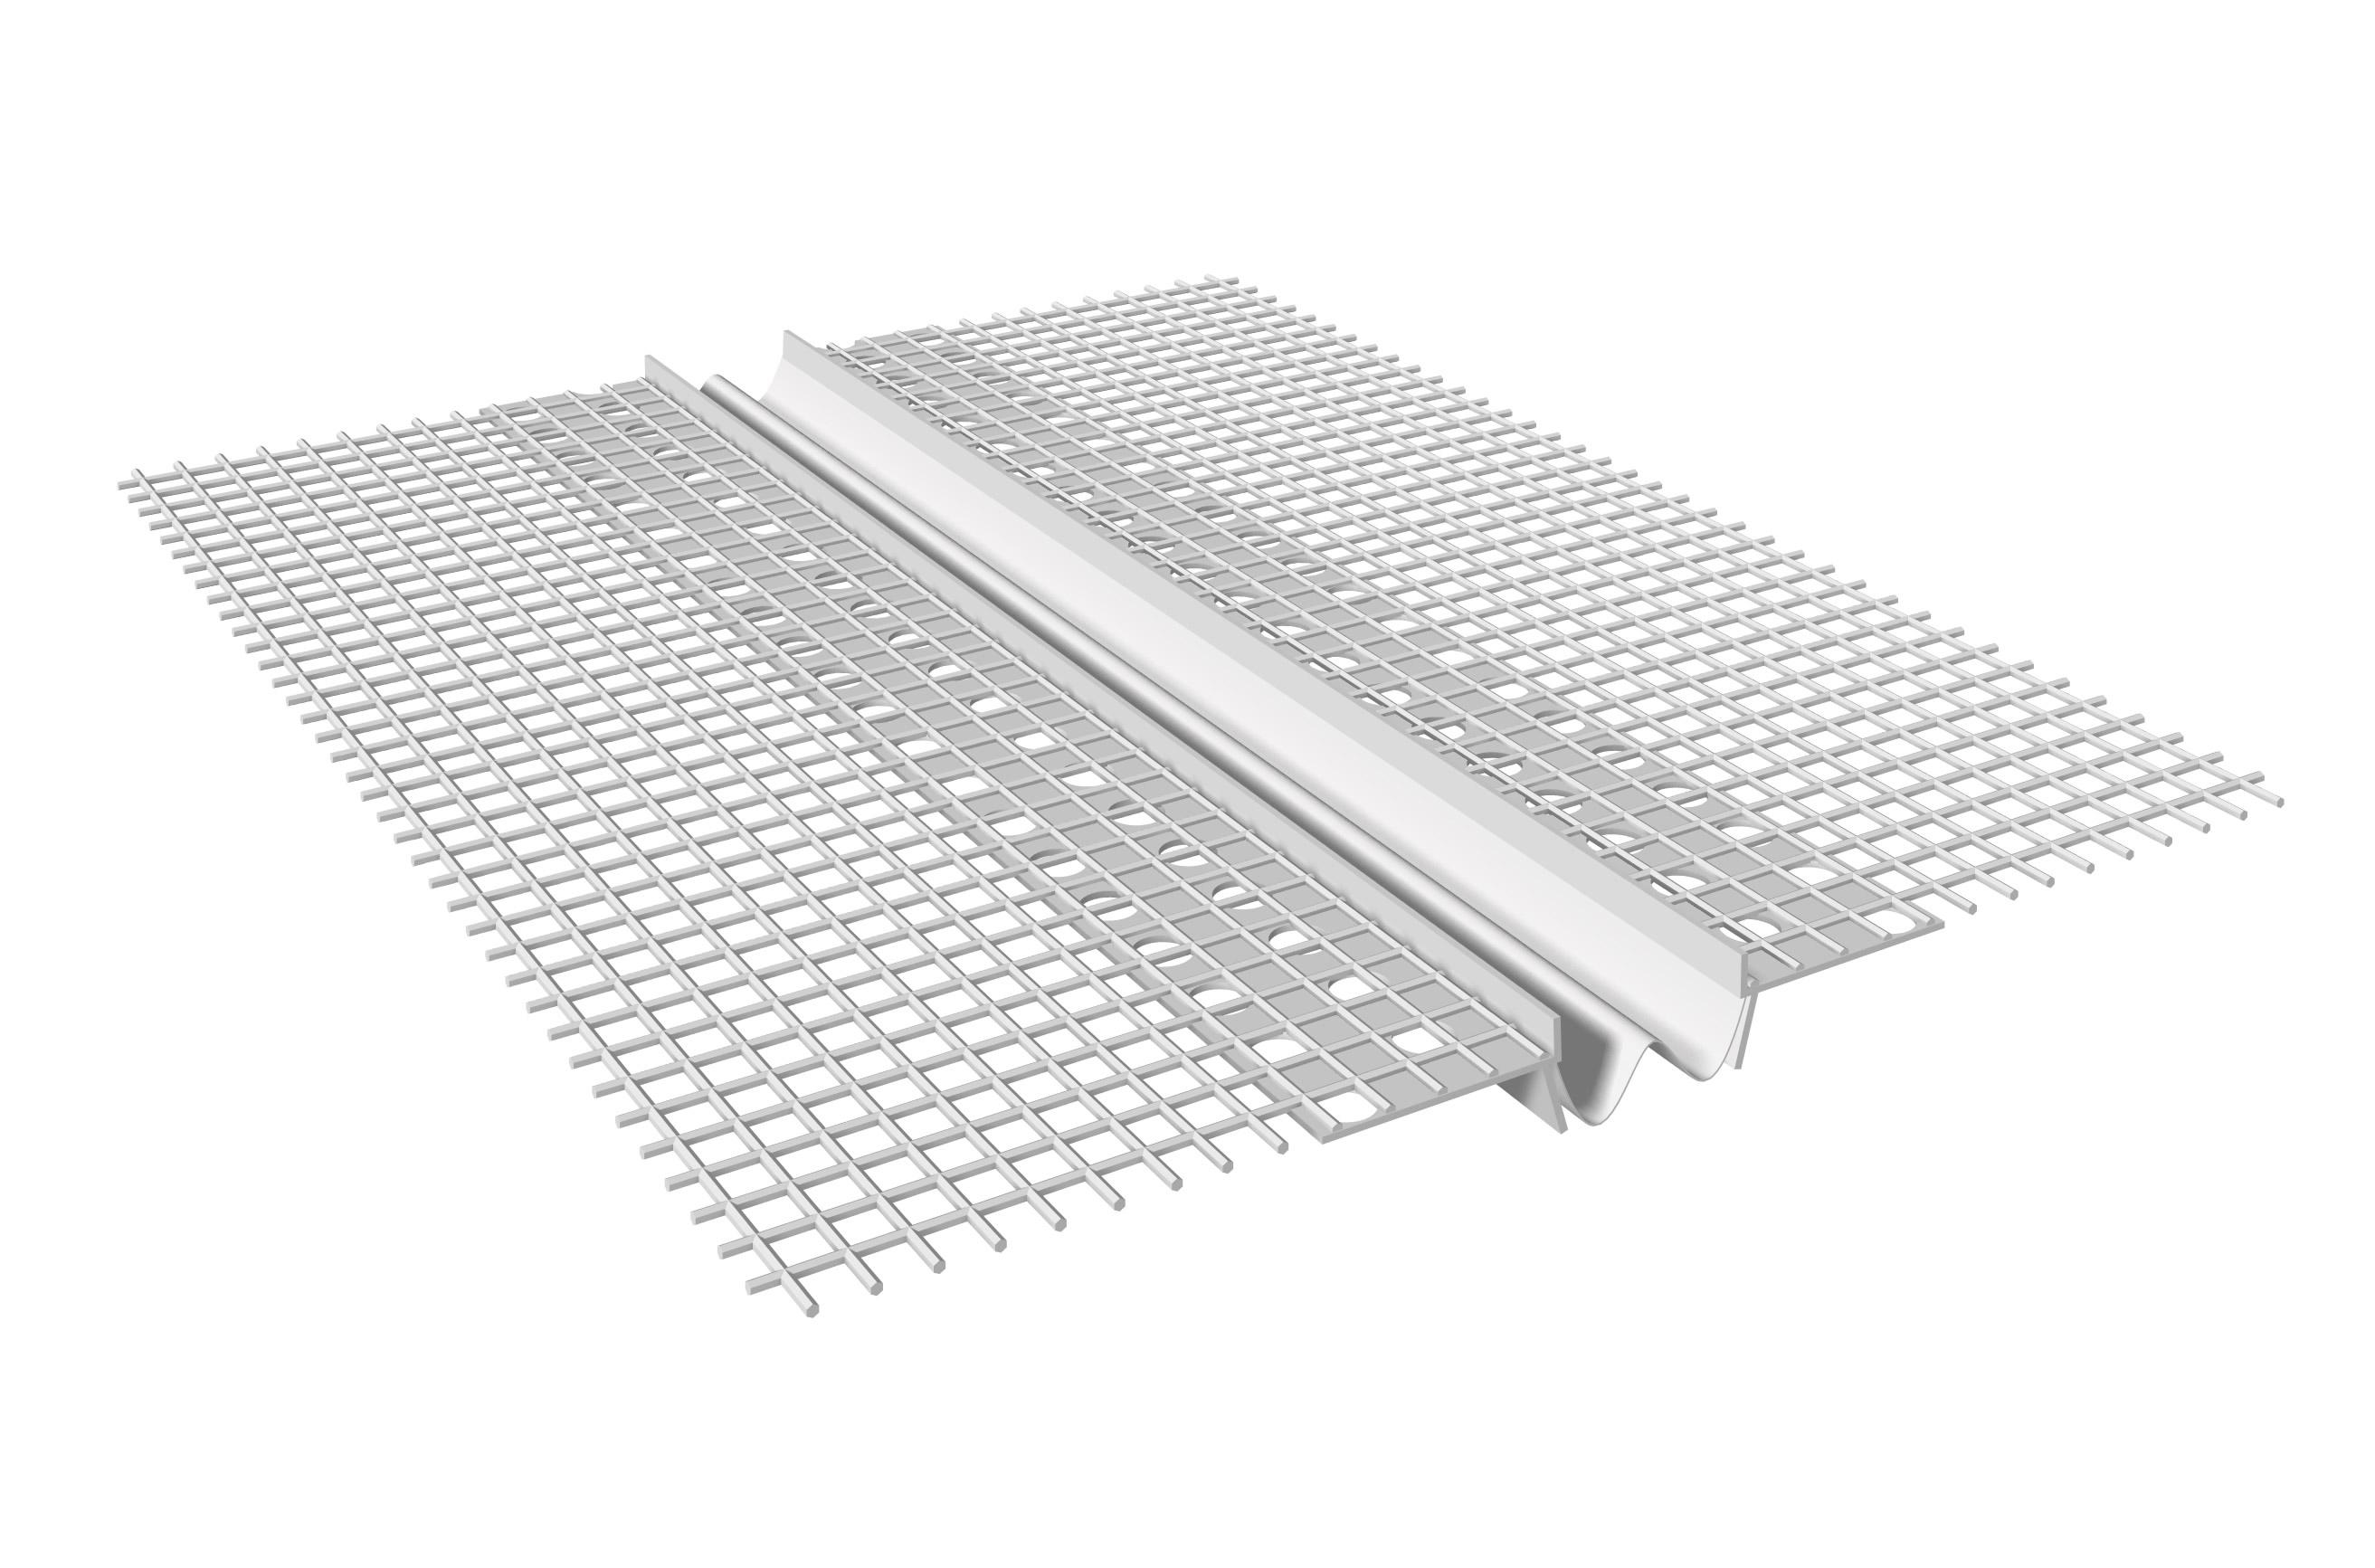 GIUNTO DI DILATAZIONE VERTICALE IN PVC: Giunto di dilatazione in PVC con rete in fibra di vetro preincollata